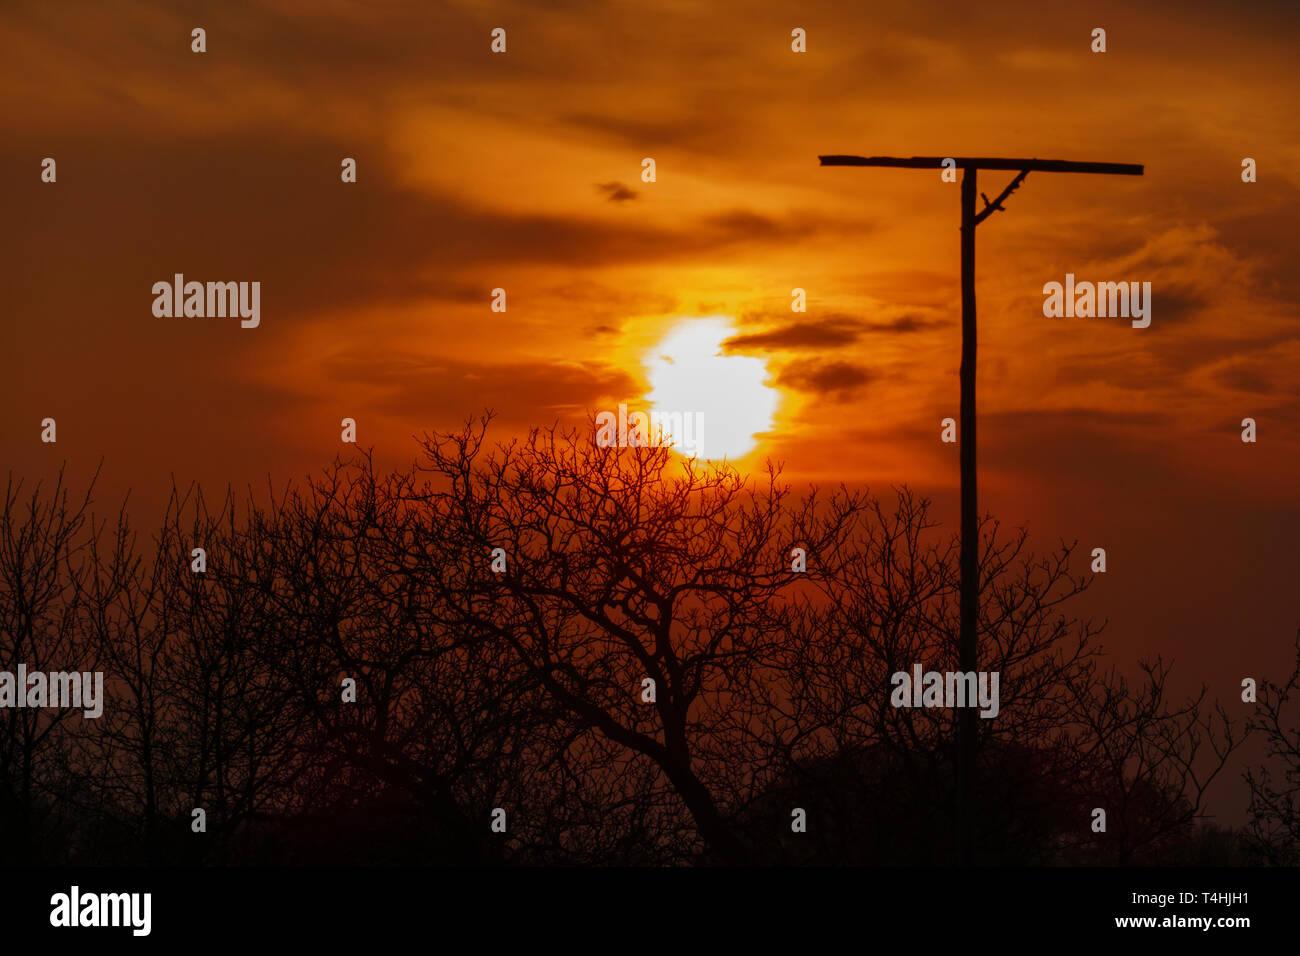 Ansitzstange für Greifvögel im Sonnenuntergang mit Silhouette von Bäumen - Stock Image